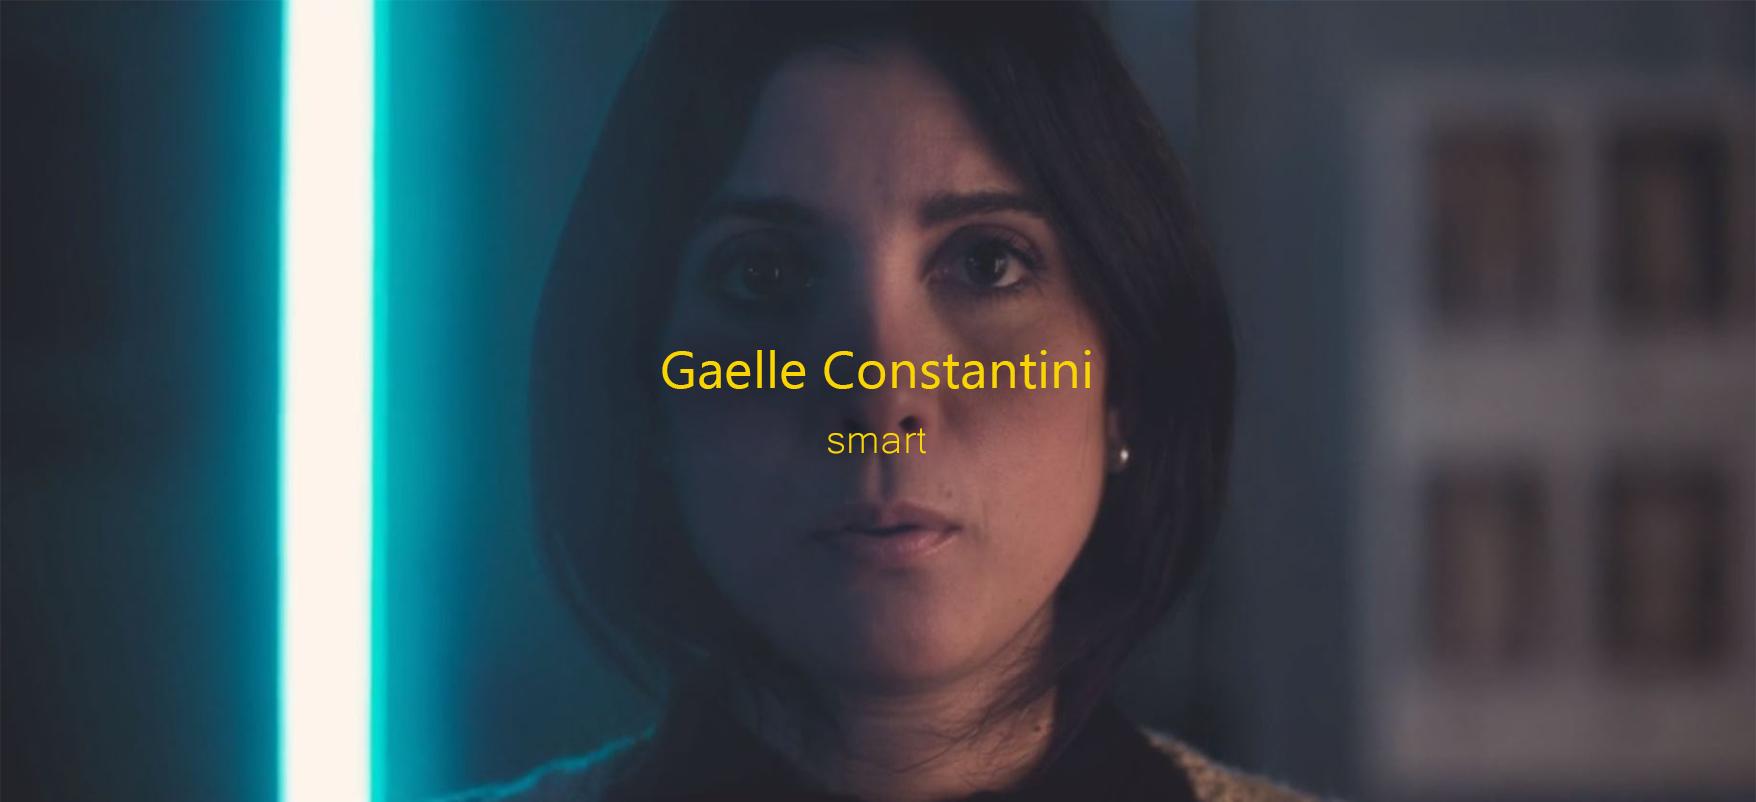 gaelle-constantini-björn-fischer-film-director-regie-creative-title